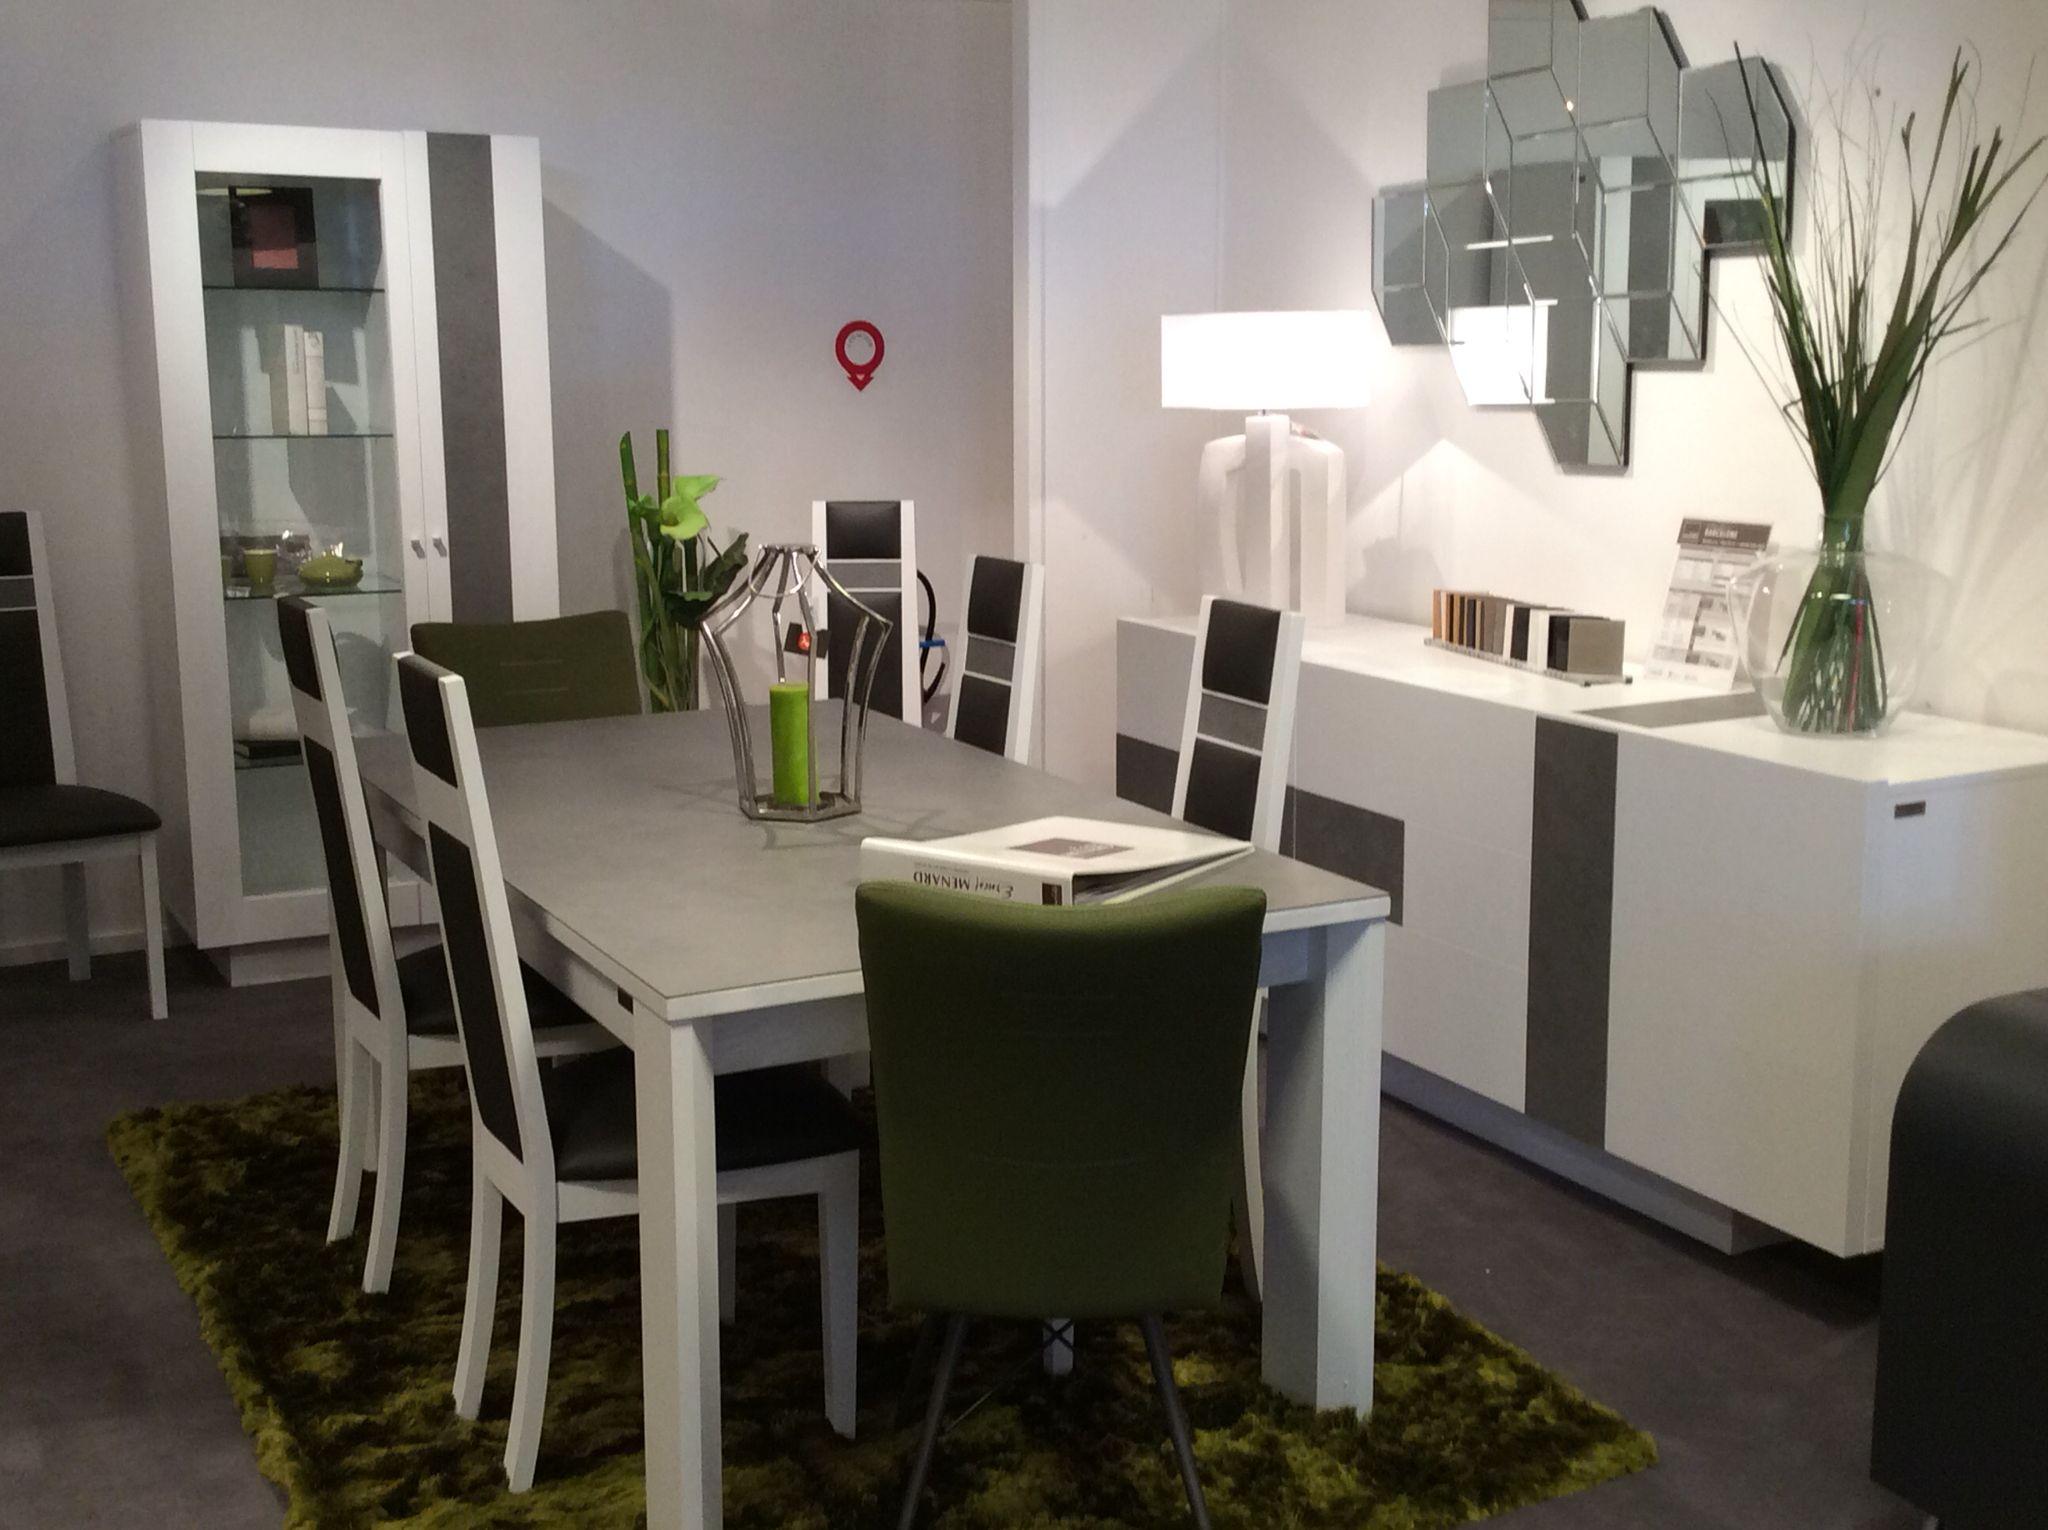 Design contemporain et paisseurs valeur s r barcelone par ernest m nard meubles france - Meuble ernest menard occasion ...